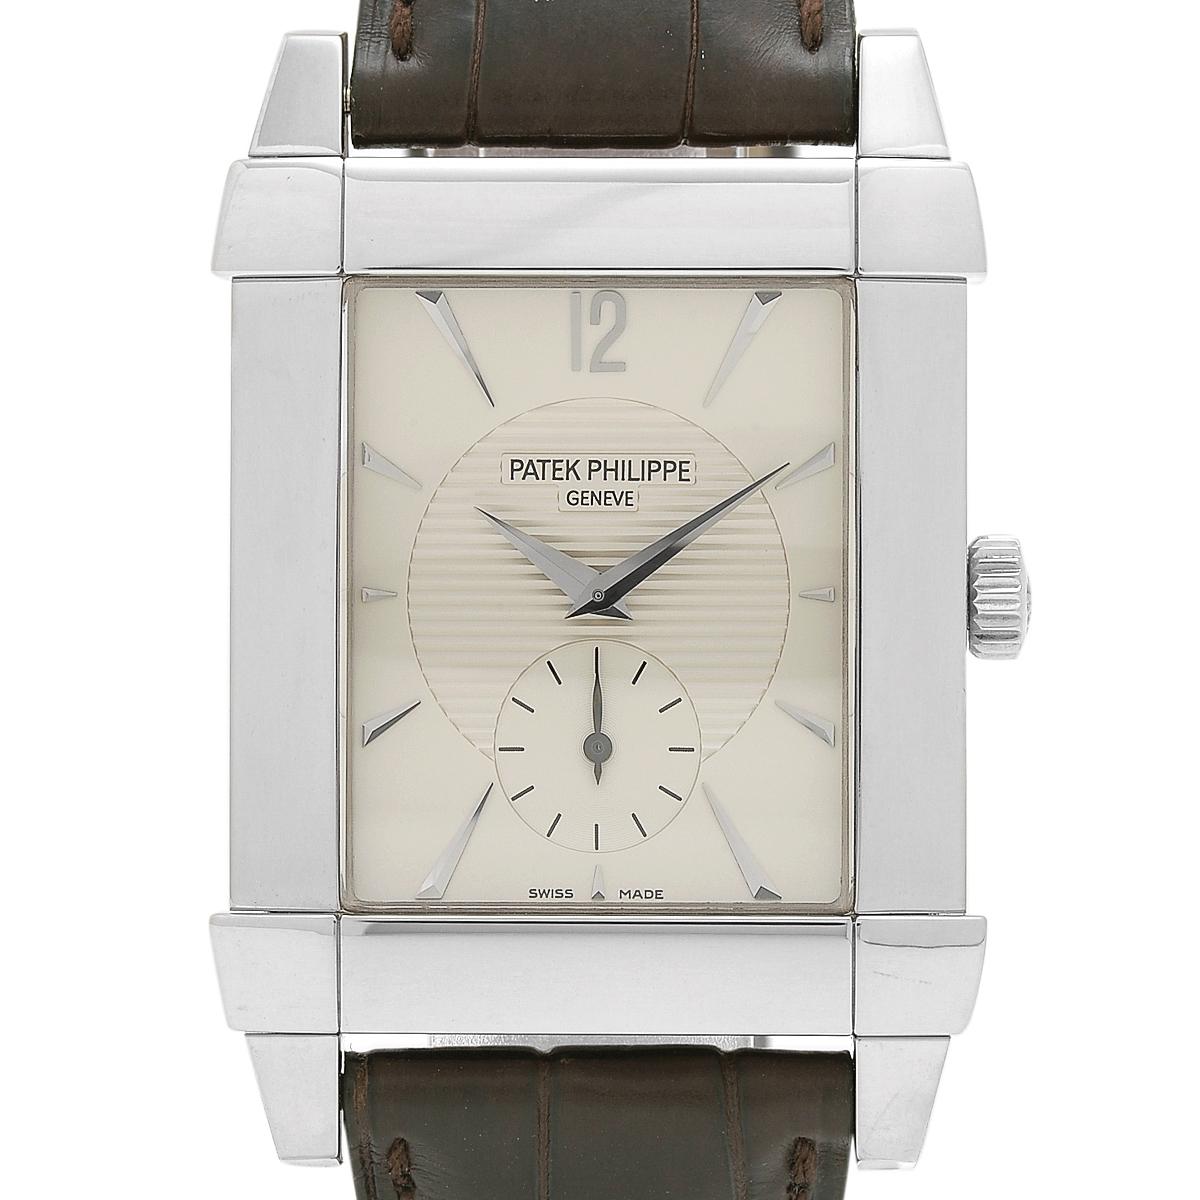 パテックフィリップ PATEK PHILIPPE ゴンドーロ 5111 腕時計 WG 手巻き シルバー メンズ 【中古】